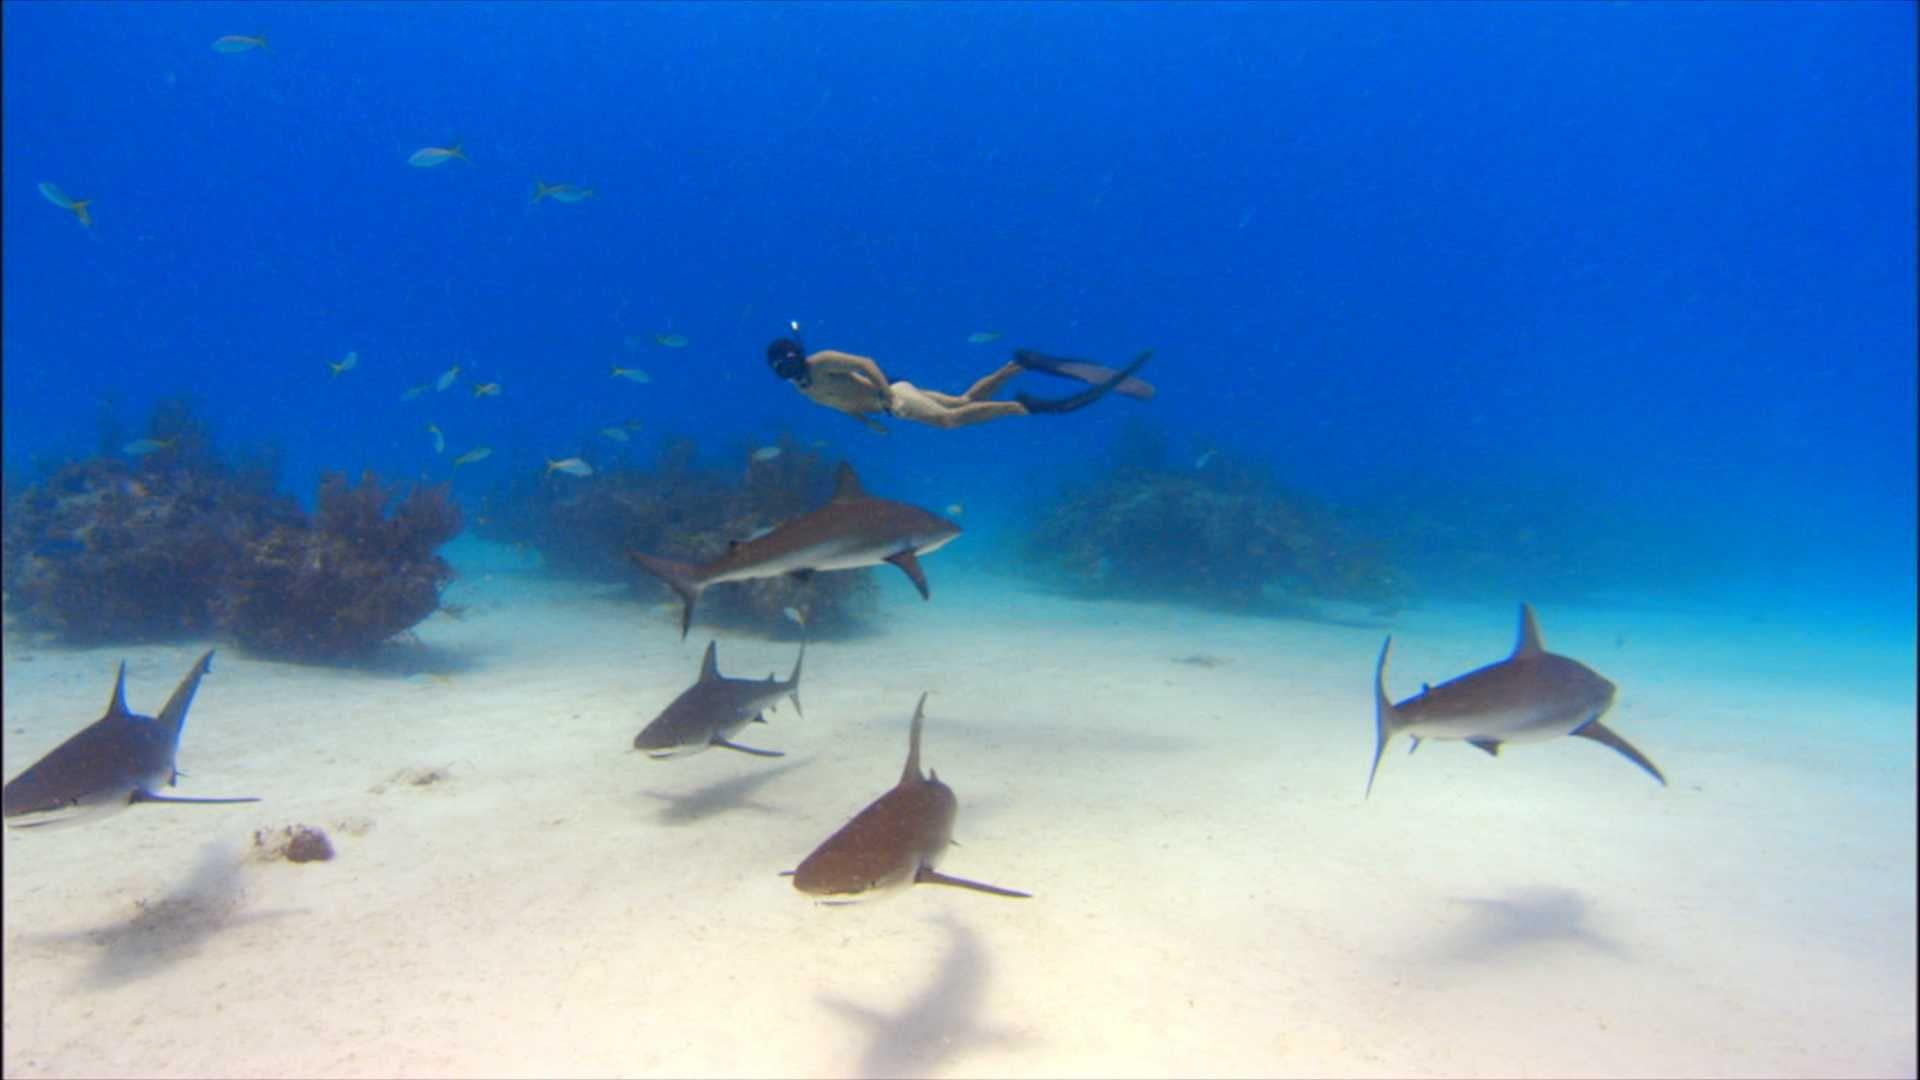 Sharkwater er fylt med vakre bilder